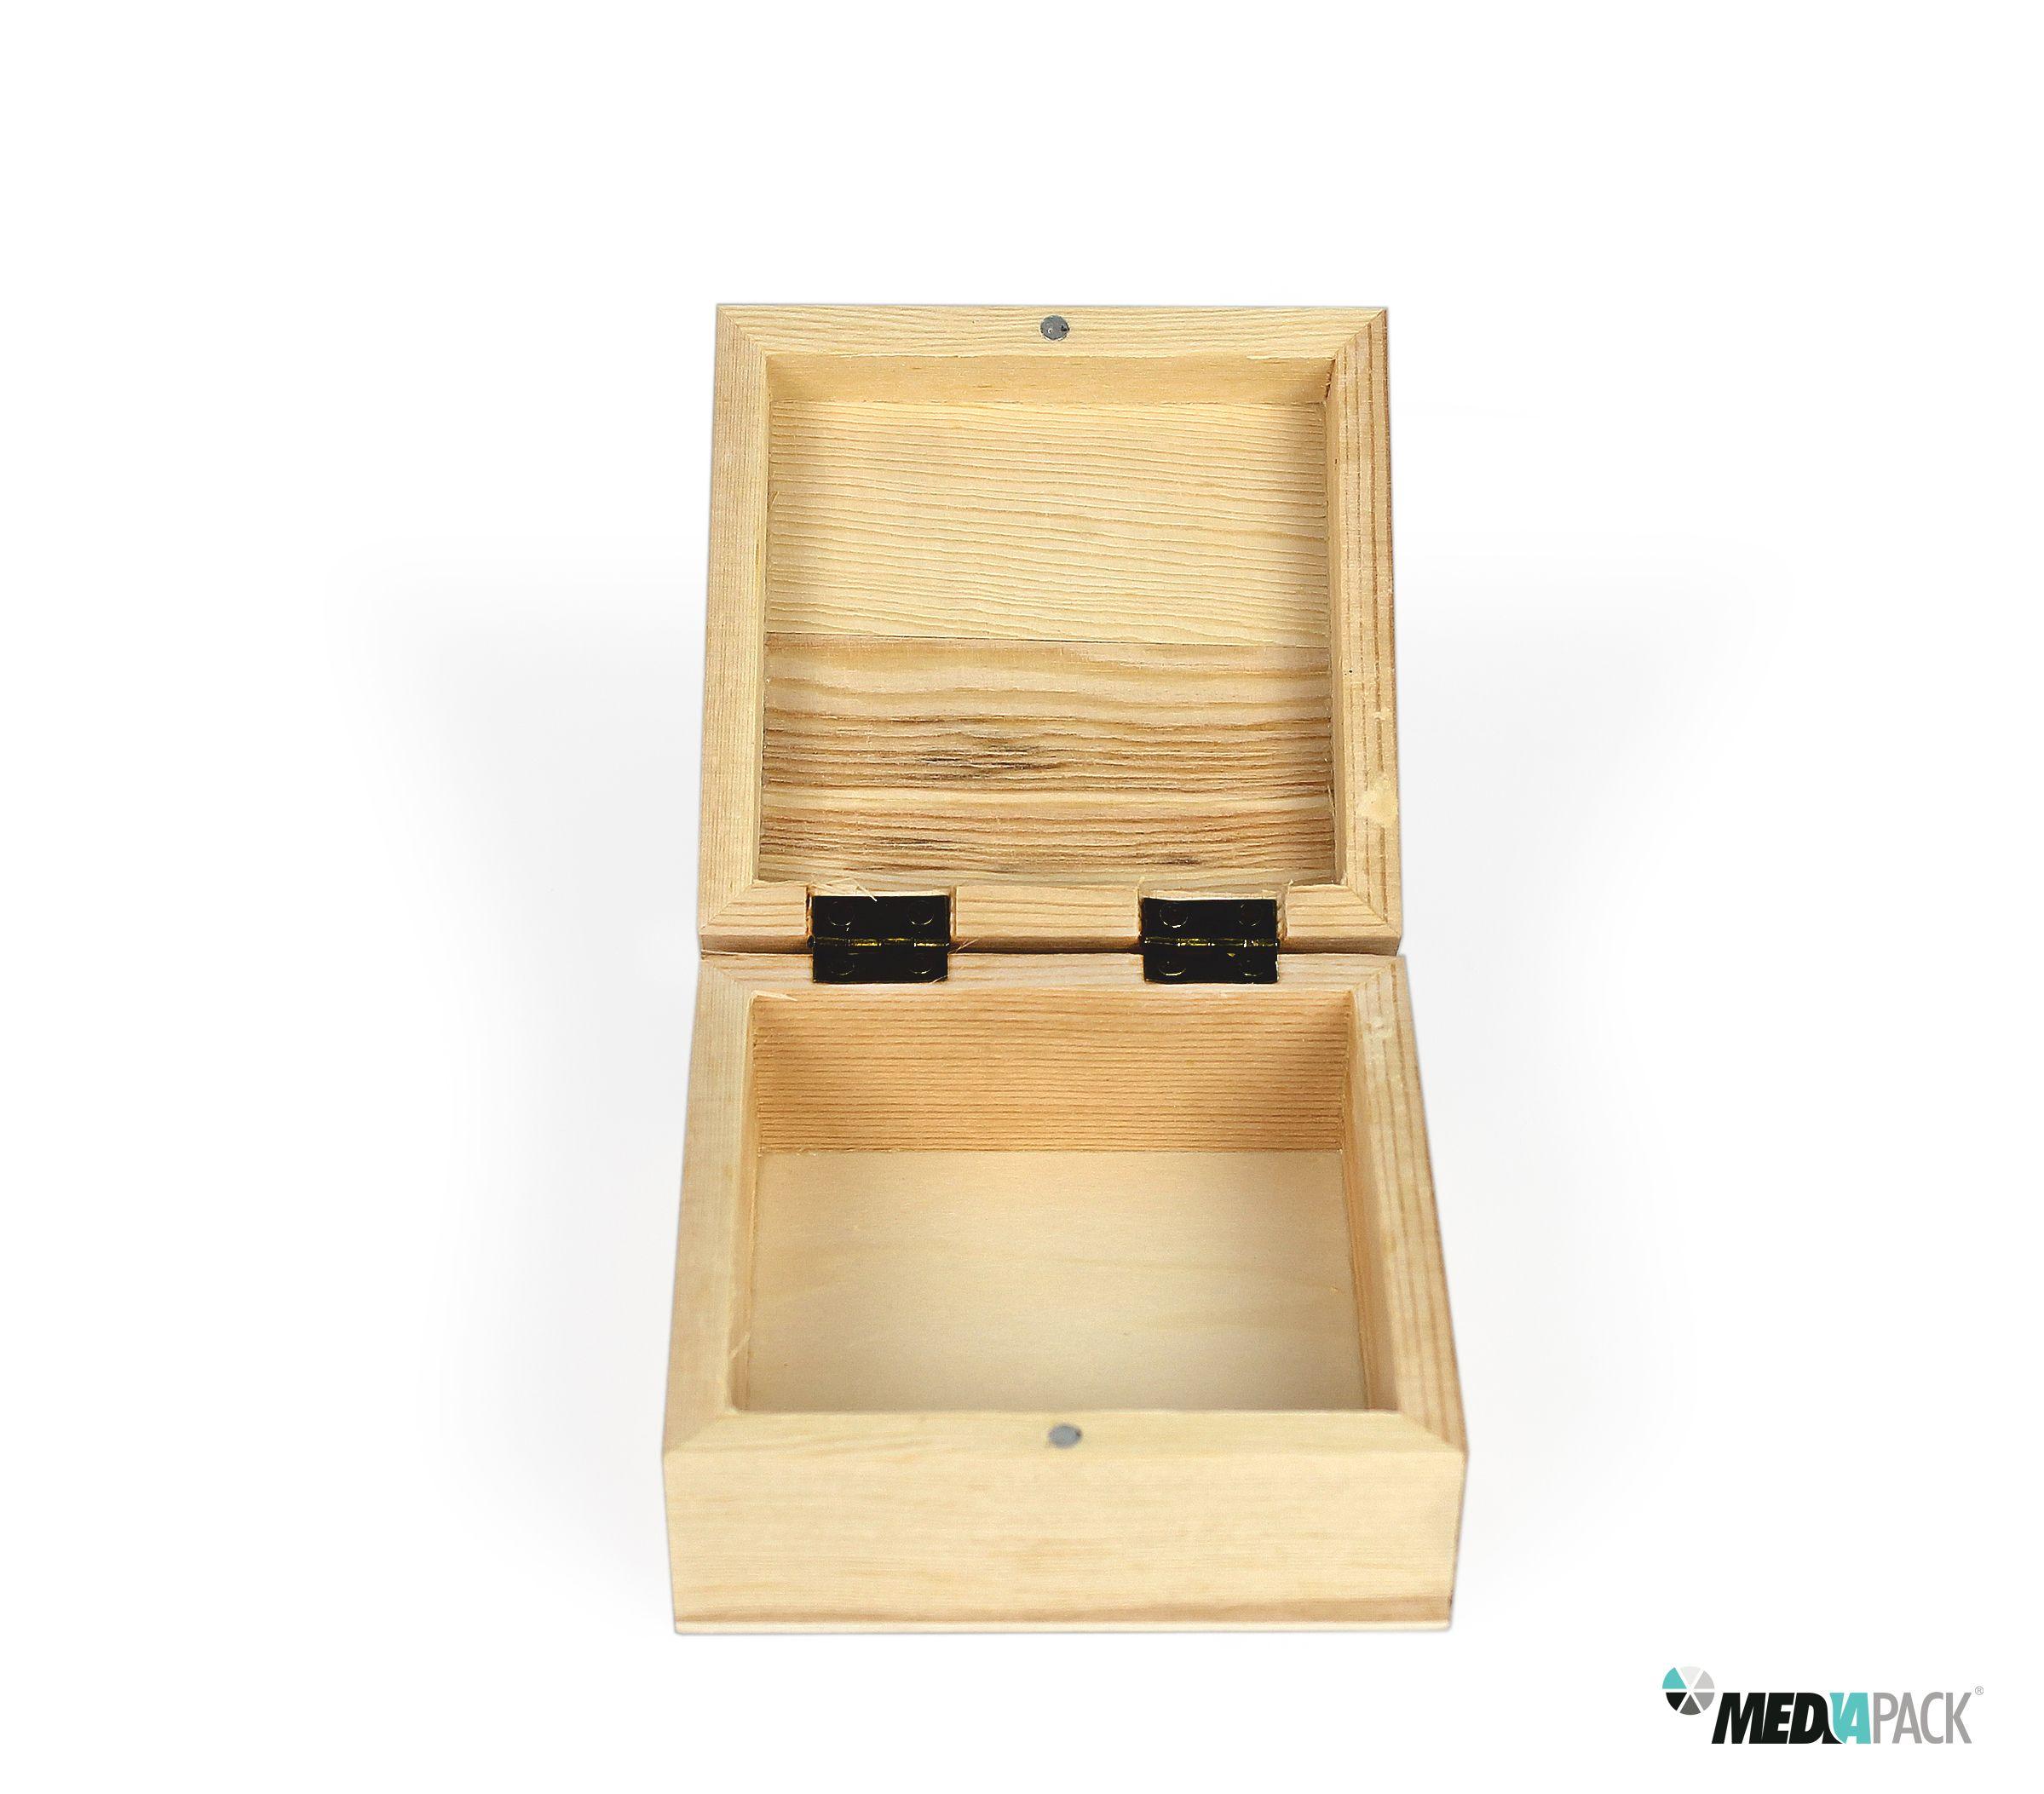 Caixa de madeira pequena para diversas utilizações.  Veja esta e outras embalagens na nossa loja online: http://loja.mediapack.com/pt/bau-de-madeira-pequeno_1/